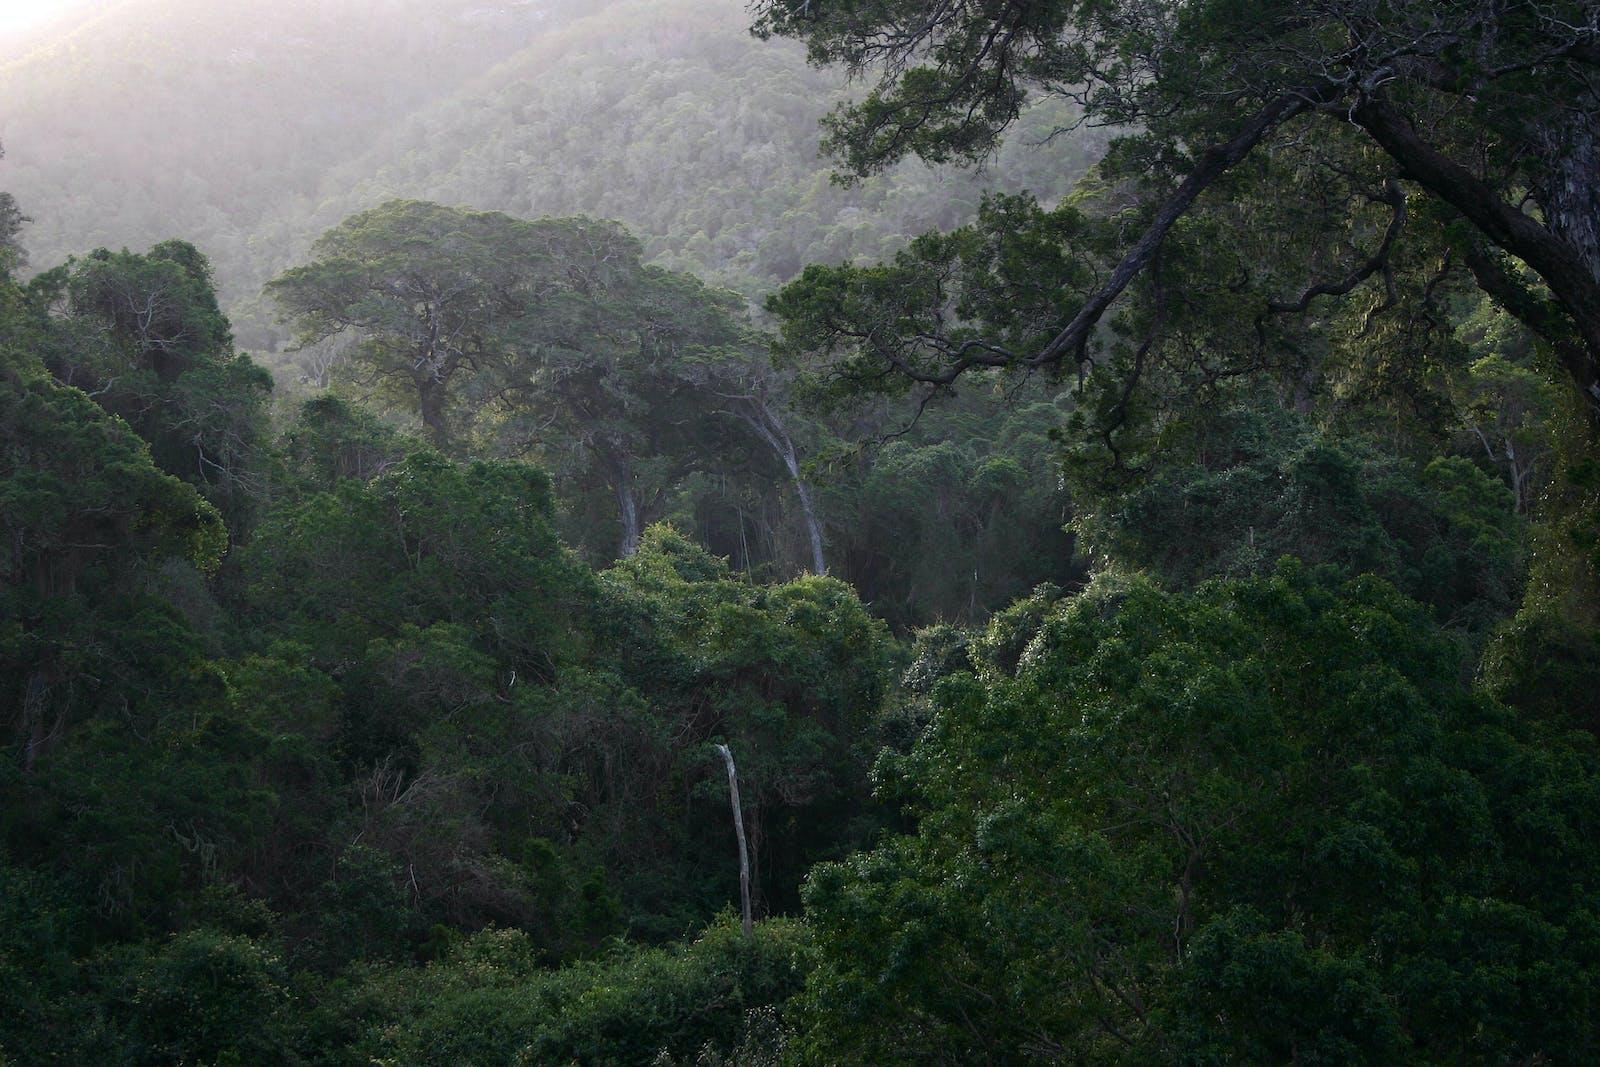 Knysna-Amatole Montane Forests